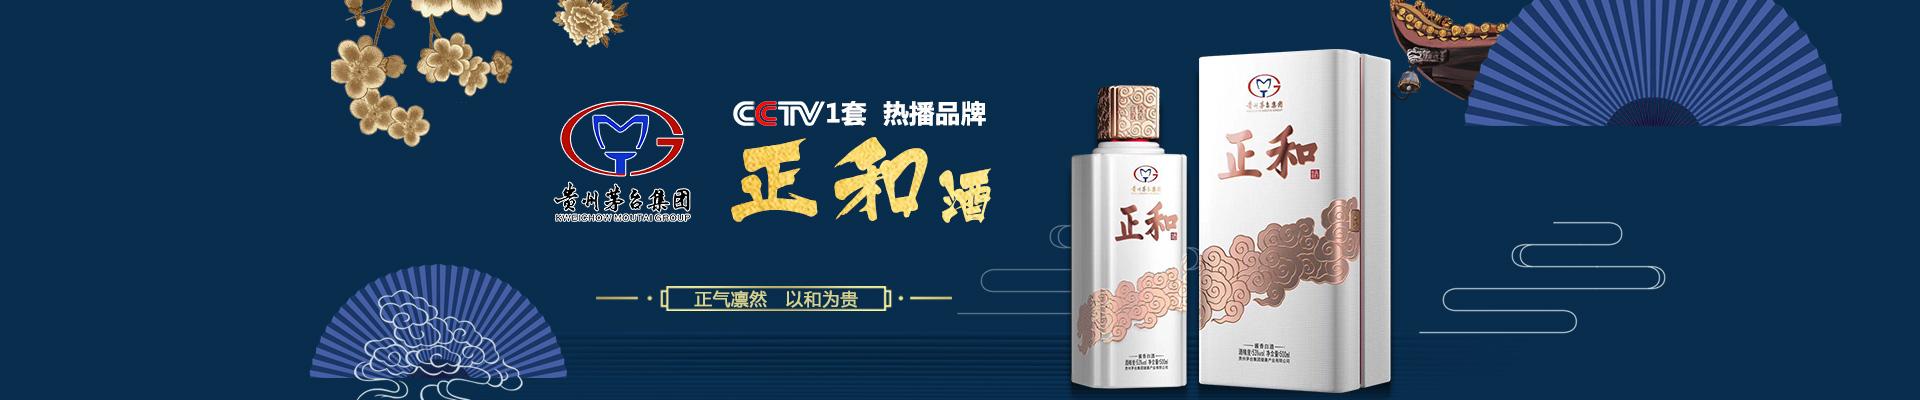 贵州省茅台集团健康产业有限公司